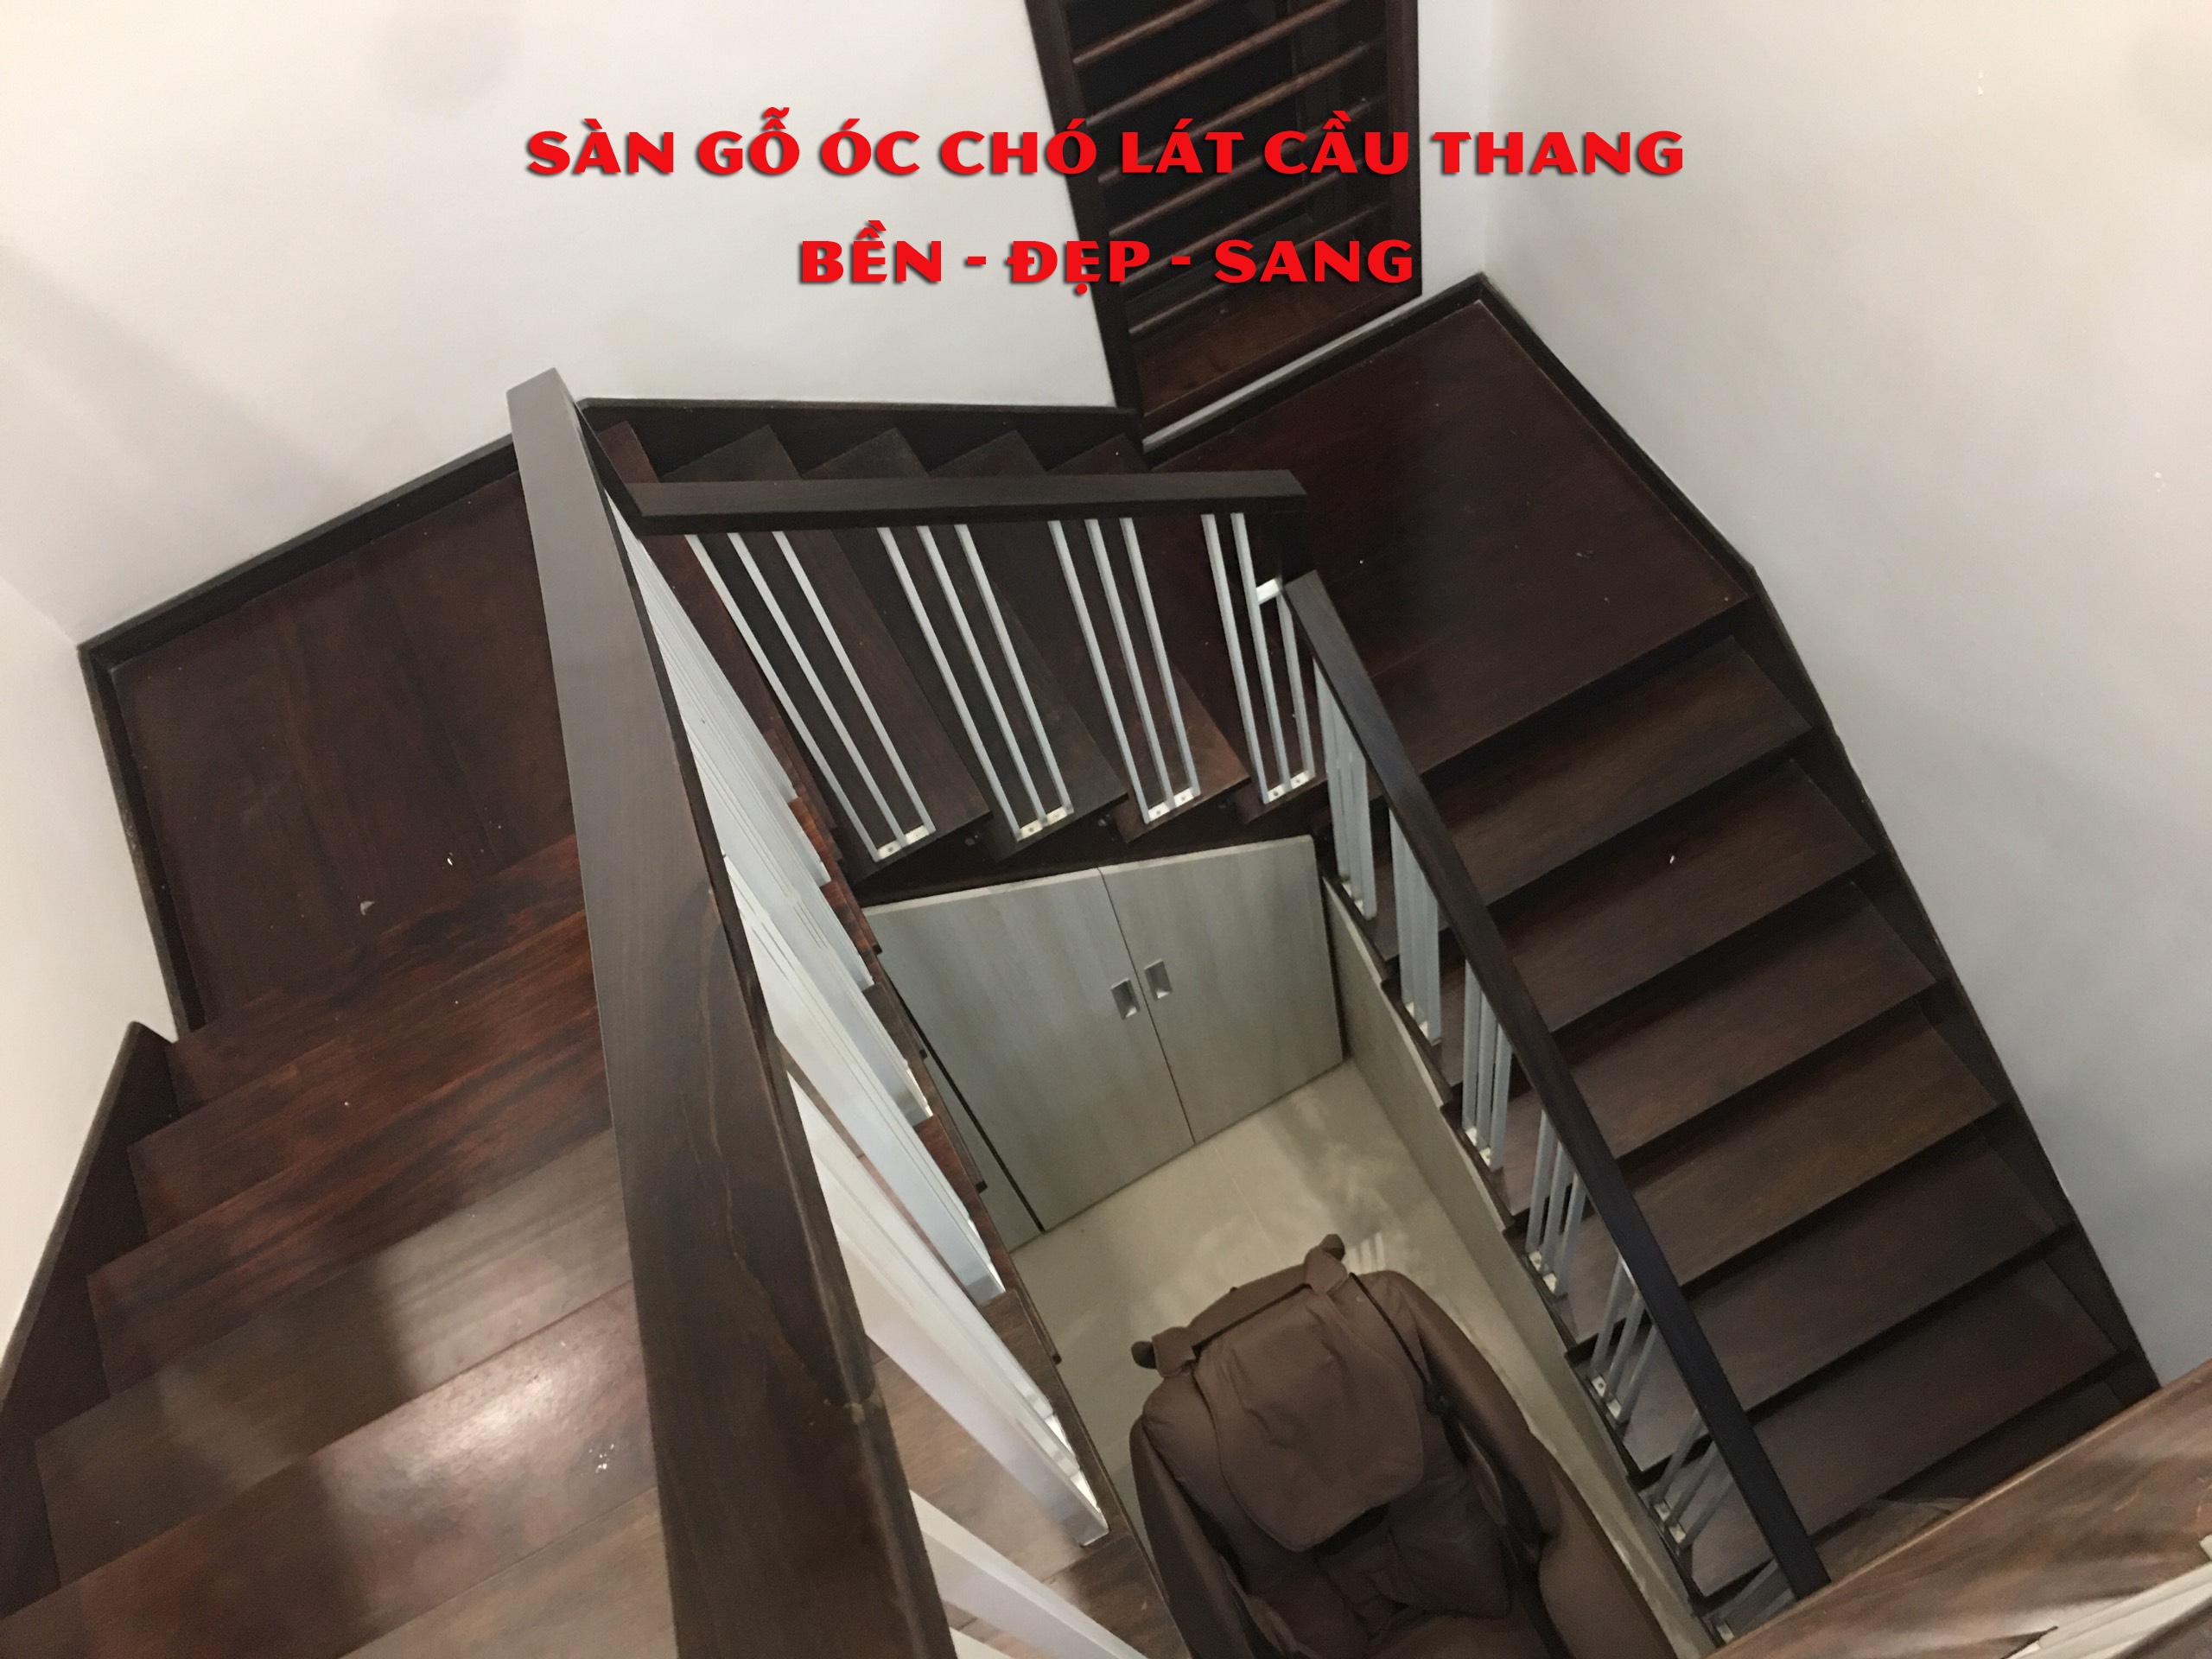 Sàn gỗ Vinh - Hotline: 0979 777 677